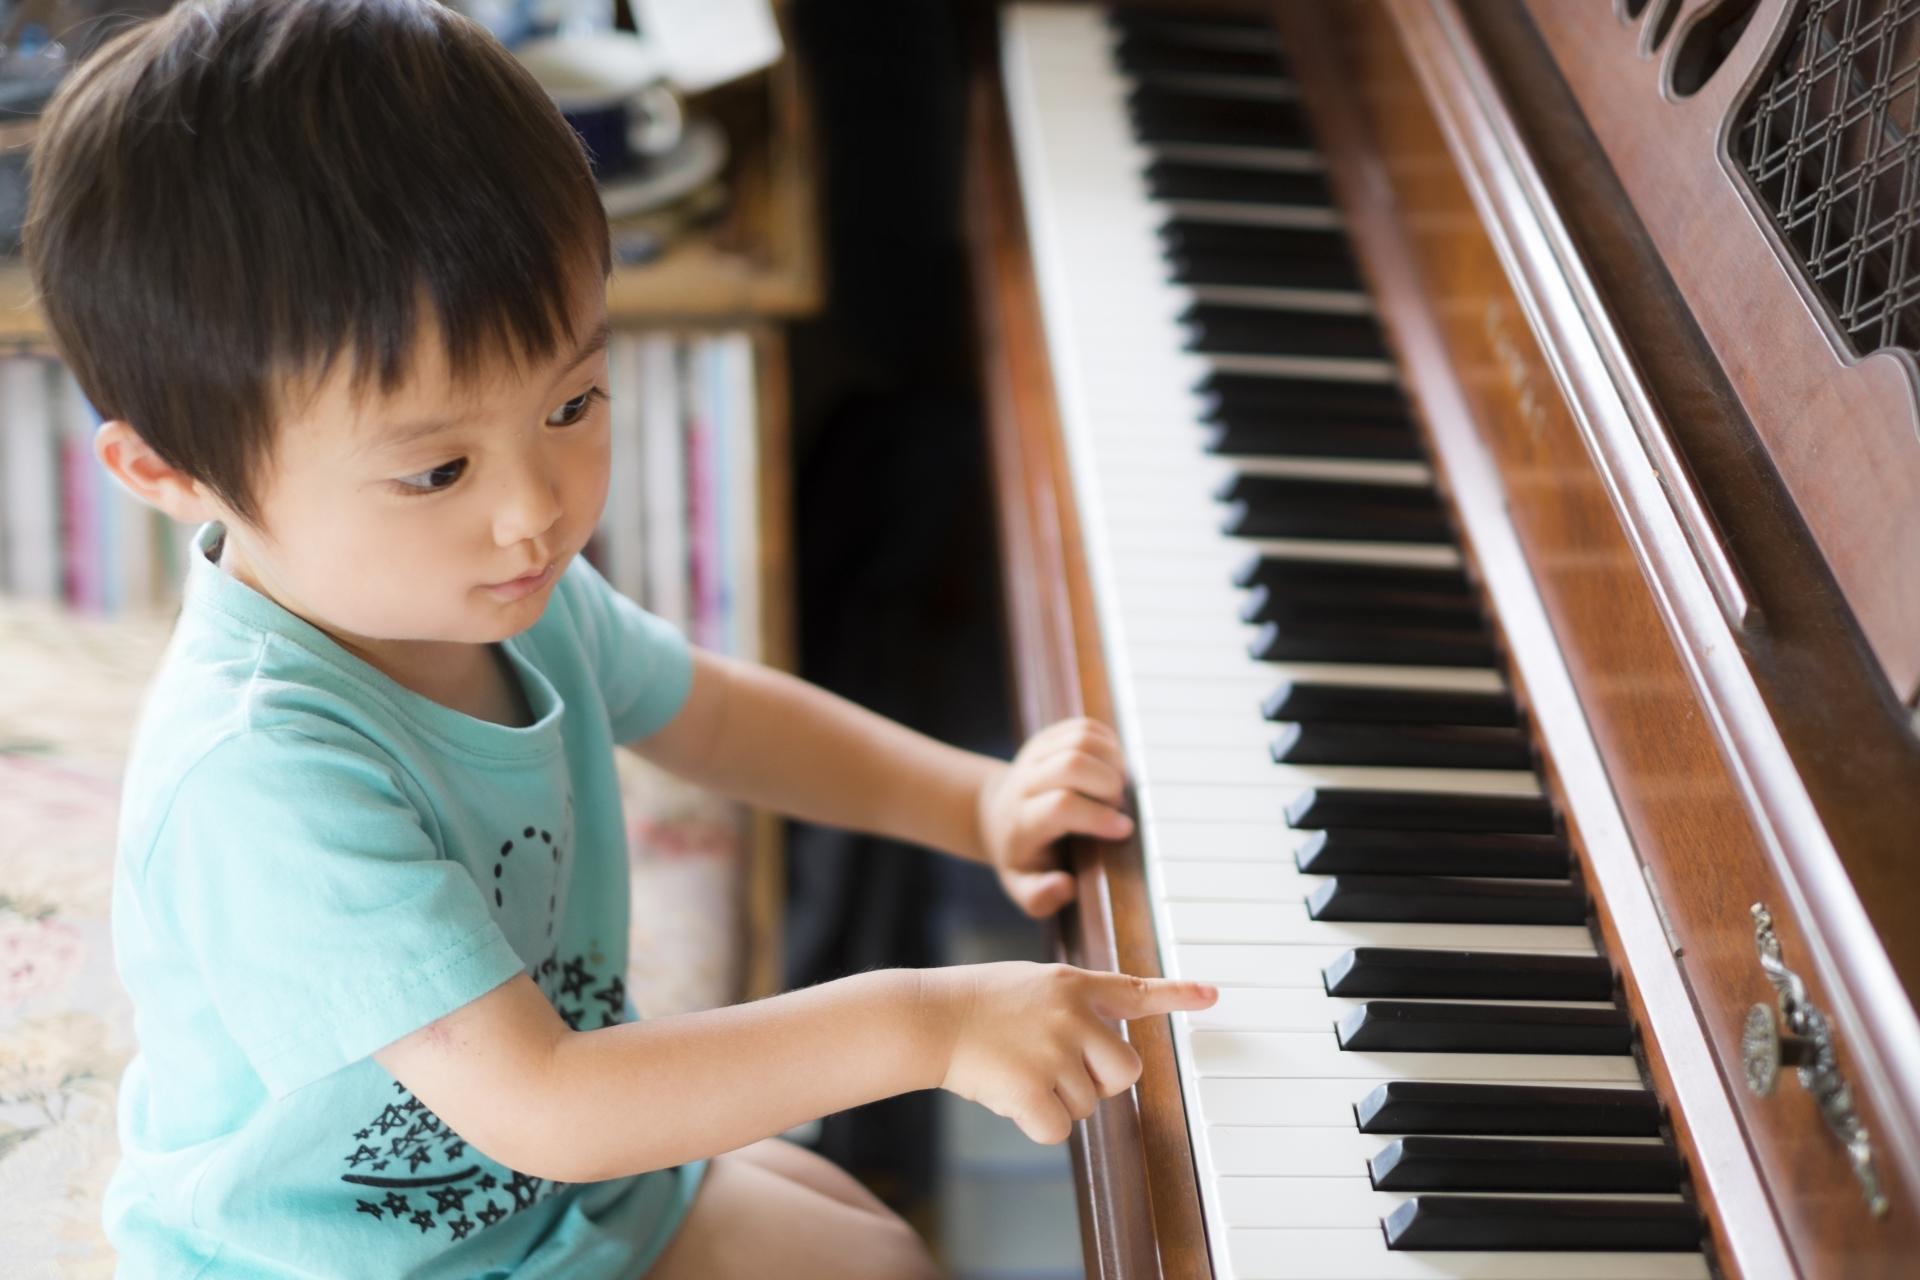 【Q &A 9】ピアノ始めて1年。「いたずら弾き」しかしない我が子が心配です。